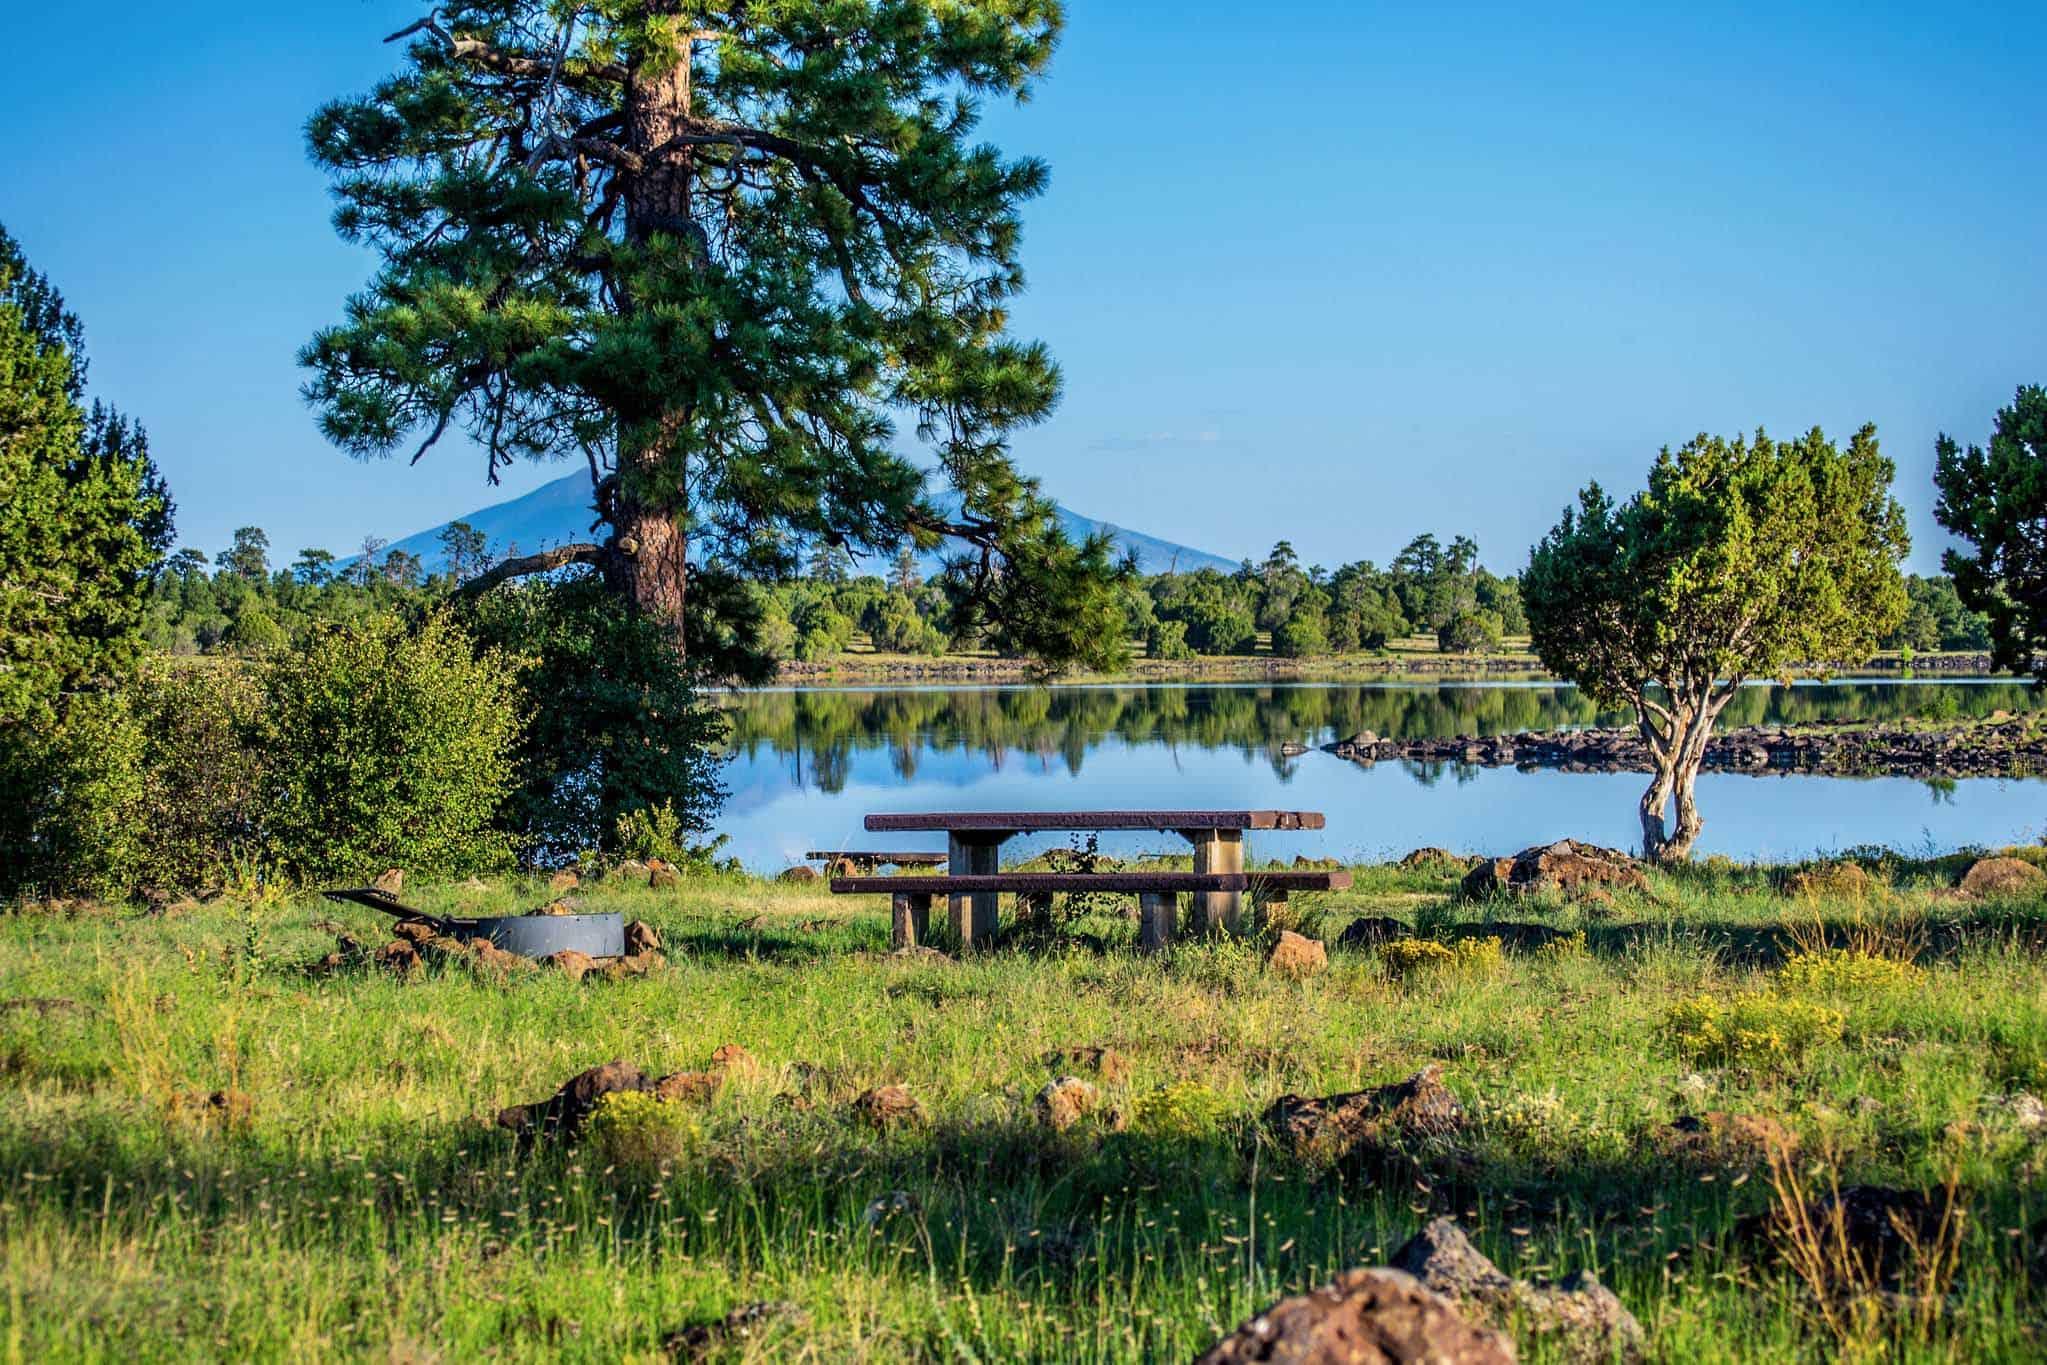 ashurst lake camping arizona